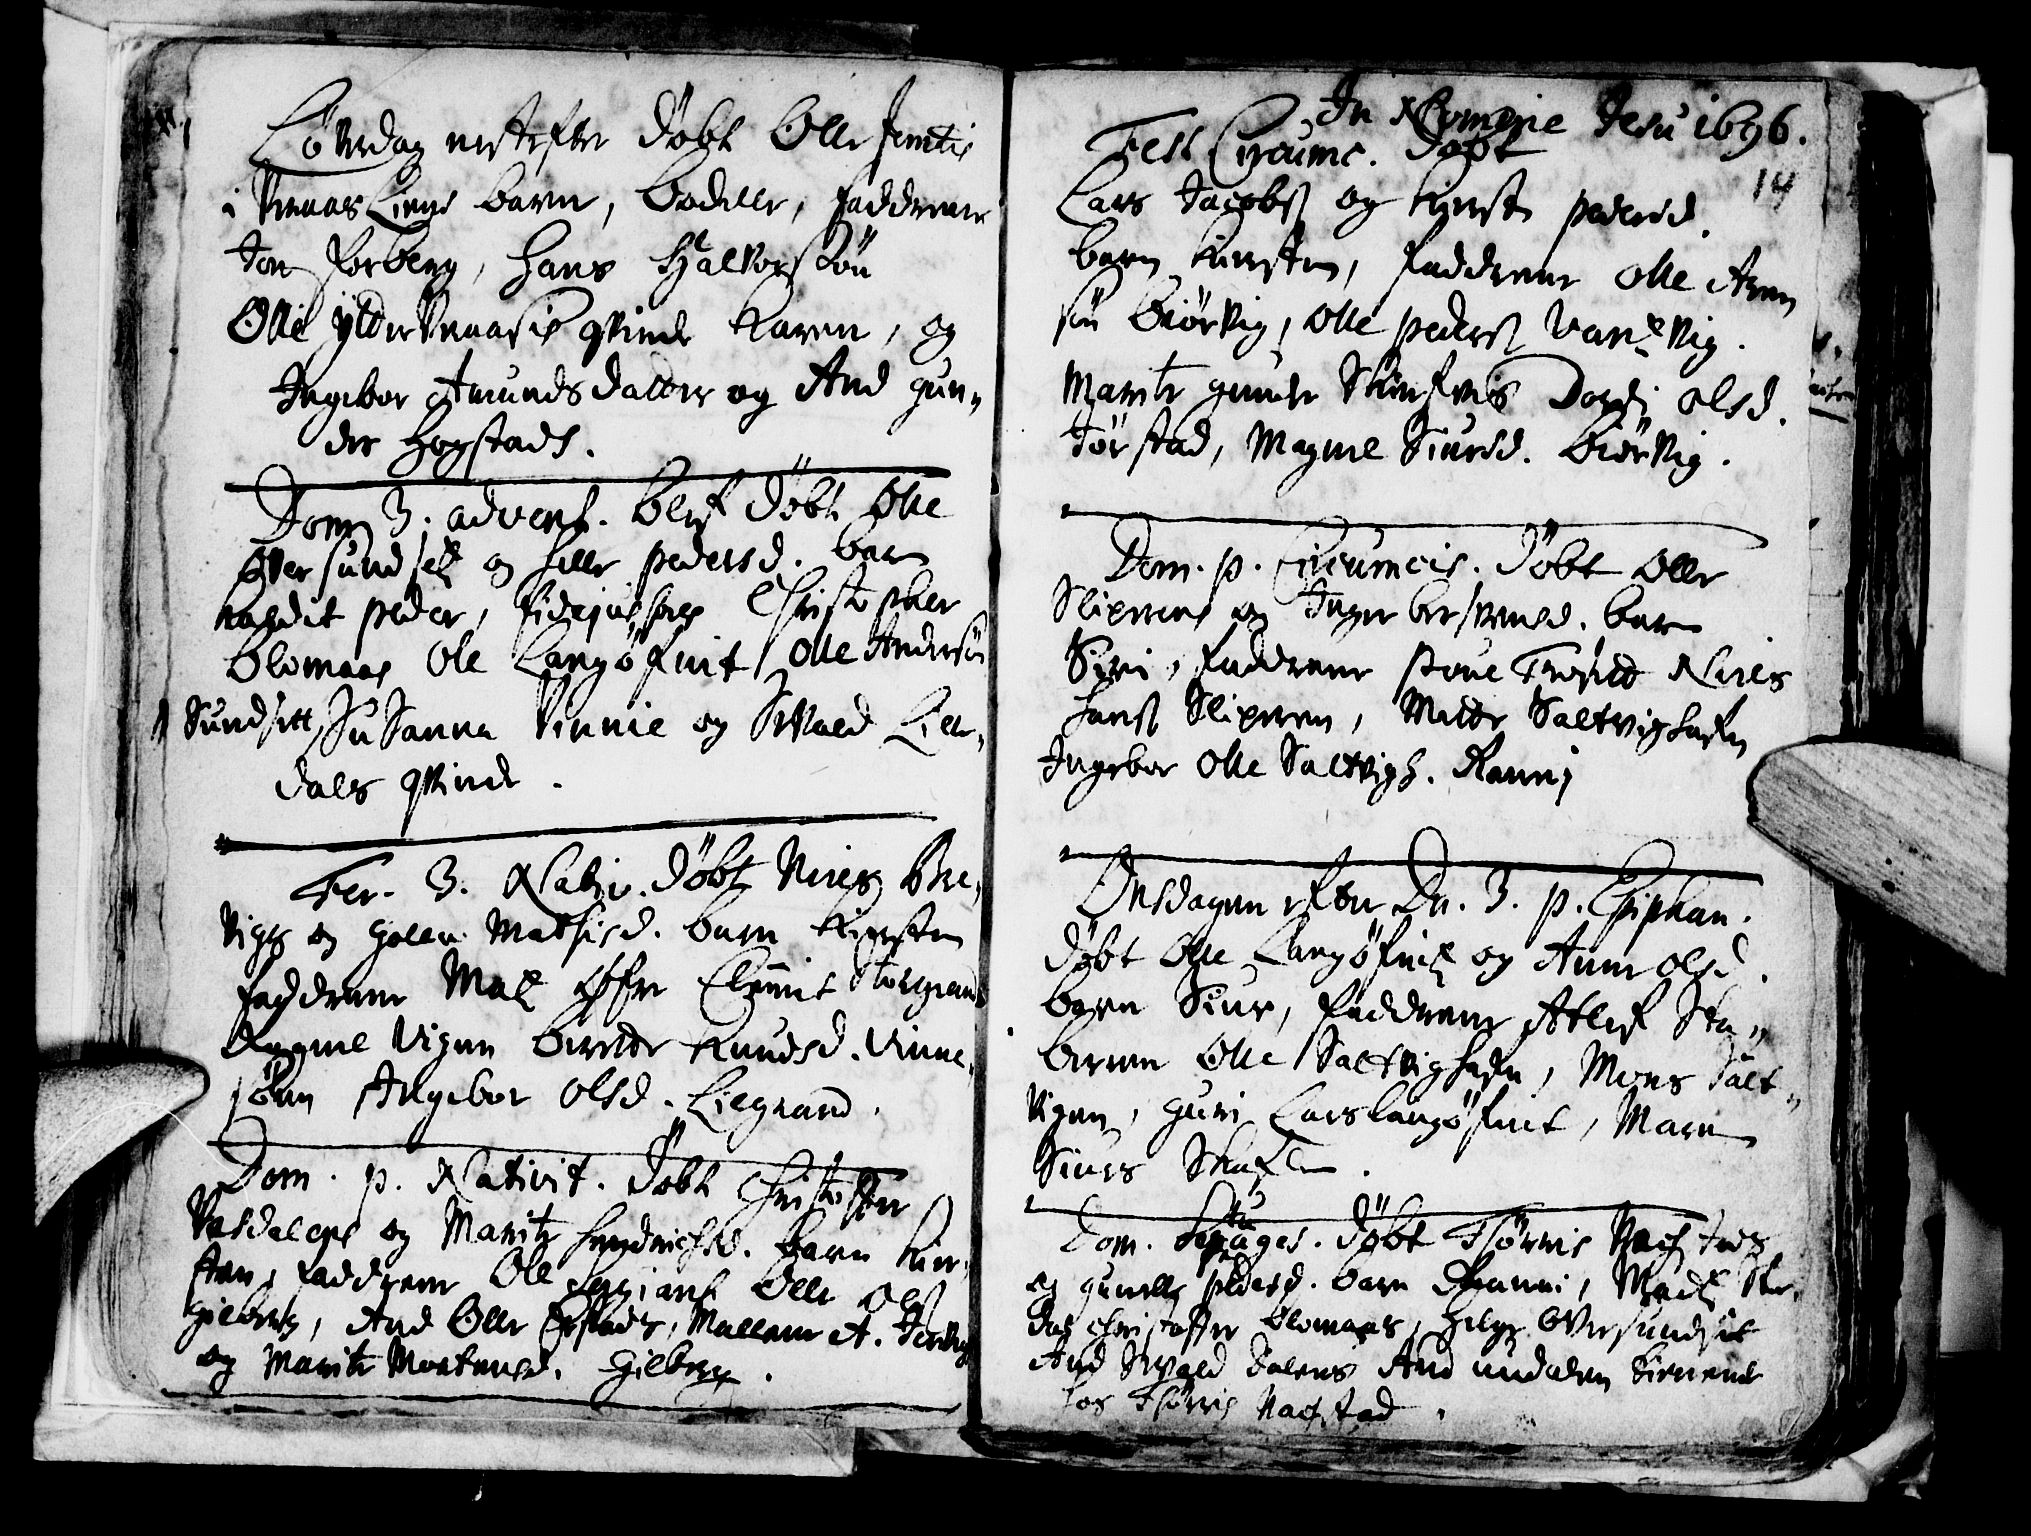 SAT, Ministerialprotokoller, klokkerbøker og fødselsregistre - Nord-Trøndelag, 722/L0214: Ministerialbok nr. 722A01, 1692-1718, s. 14